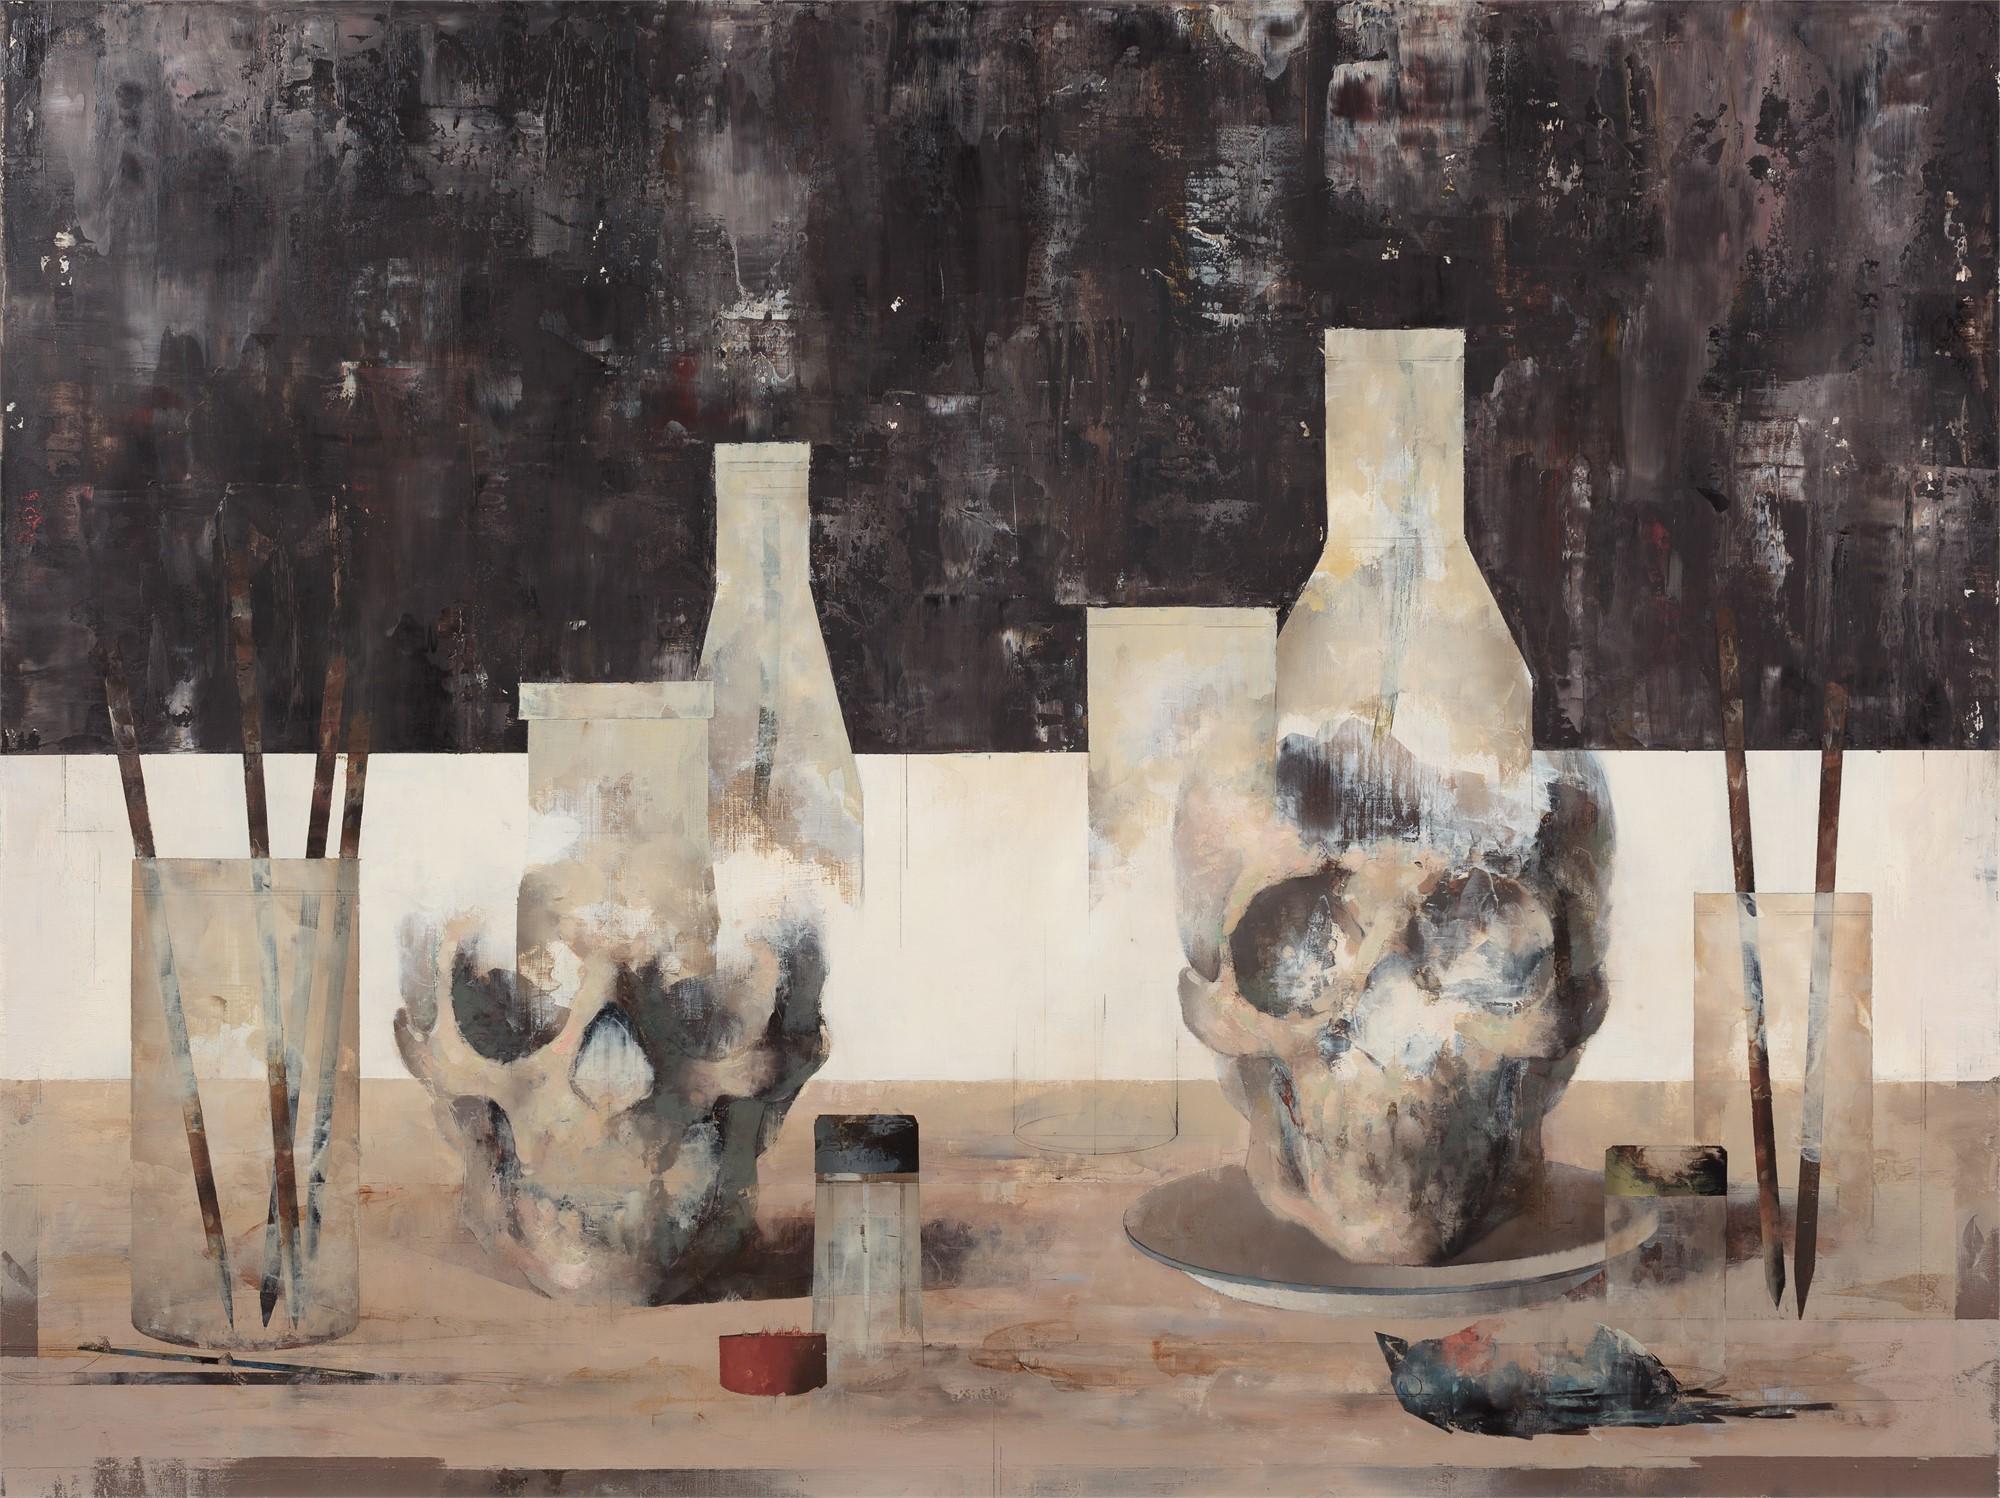 Glass Titans by Matthew Saba